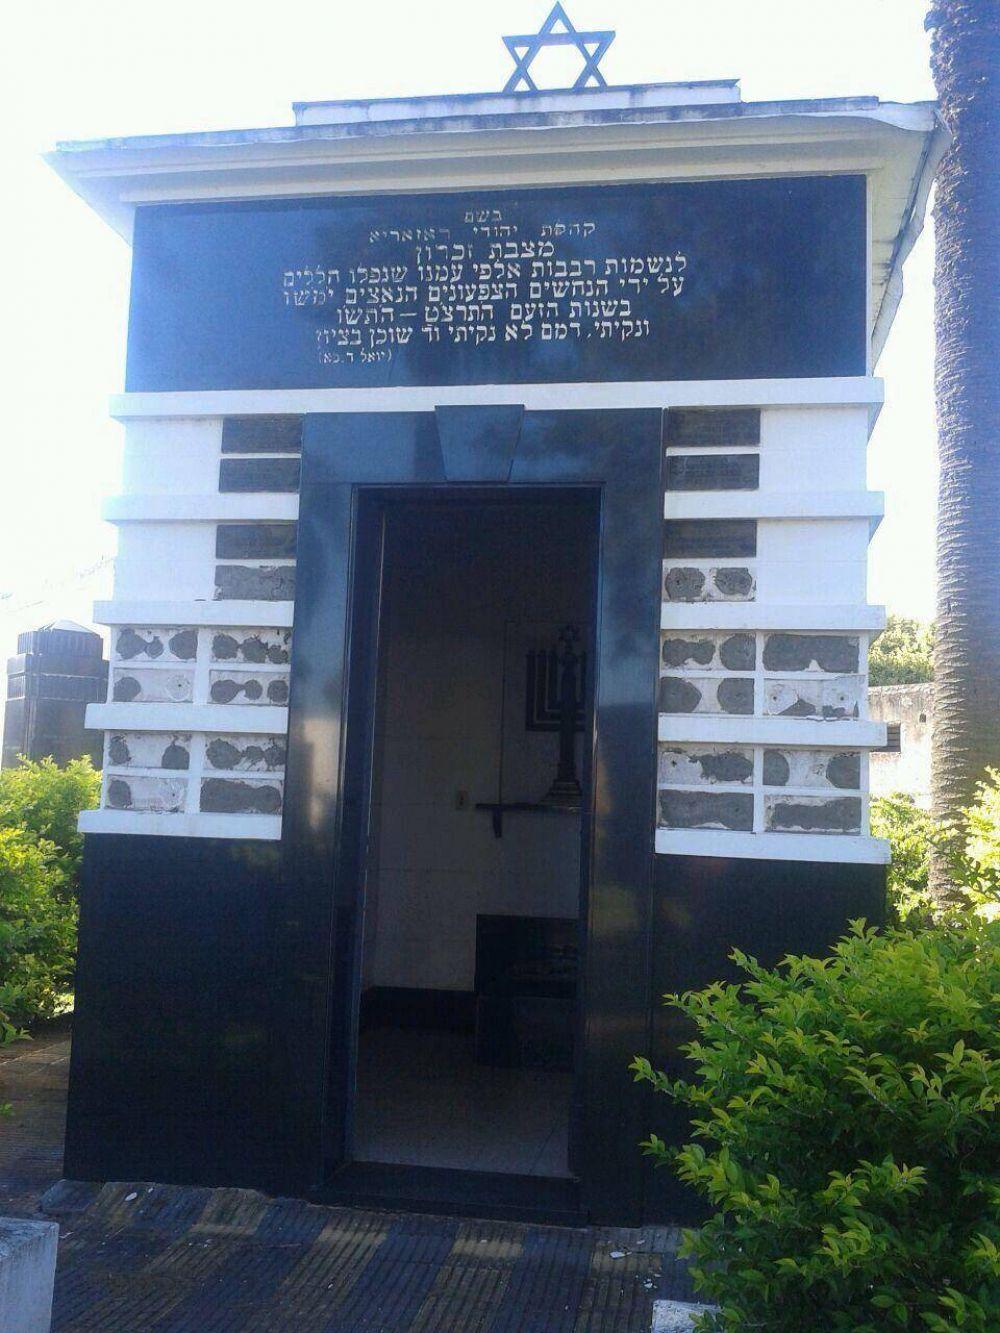 Antisemitismo/Argentina: El Centro Wiesenthal acompaña los reclamos de la comunidad judía de Rosario por los ataques al cementerio